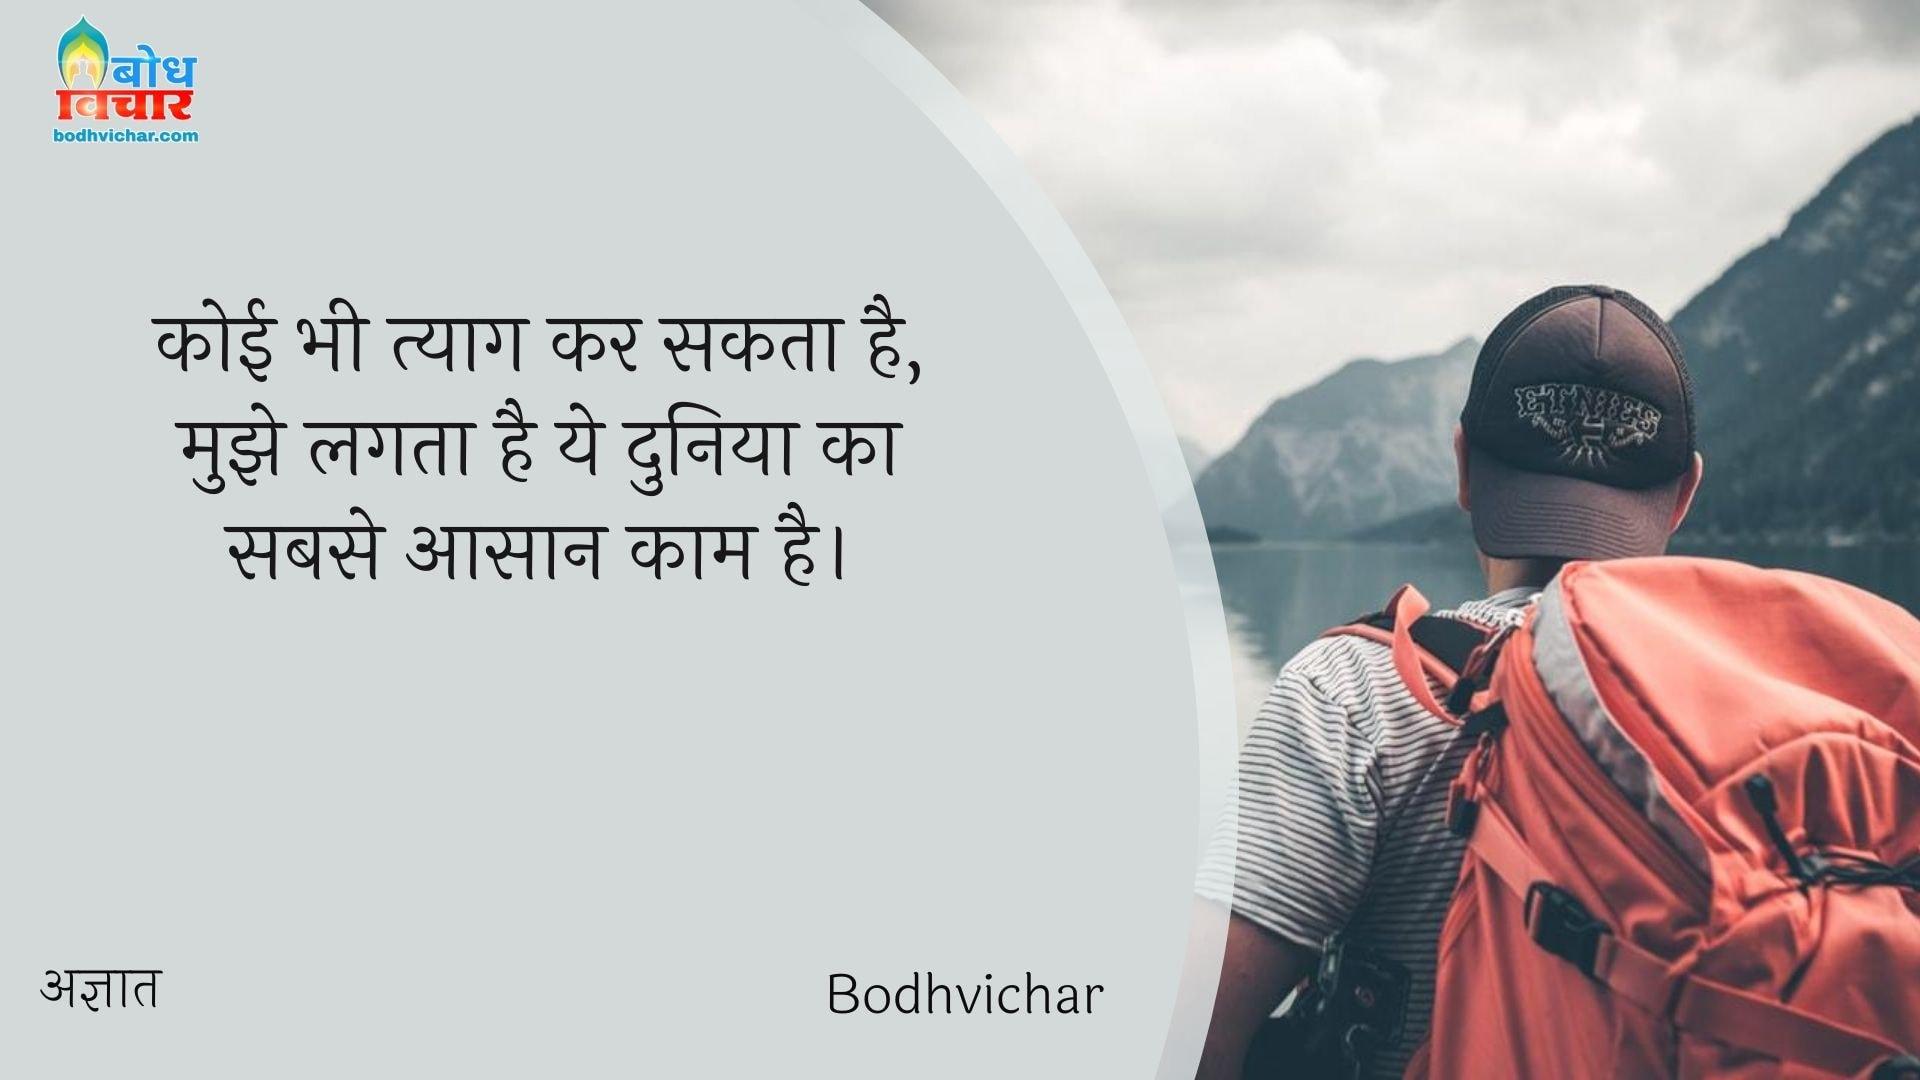 कोई भी त्याग कर सकता है, मुझे लगता है ये दुनिया का सबसे आसान काम है। : Koi bhi tyaag kar sakta hai, mujhe lagta hai ye duniya ka sabse aasan kaam hai. - अज्ञात